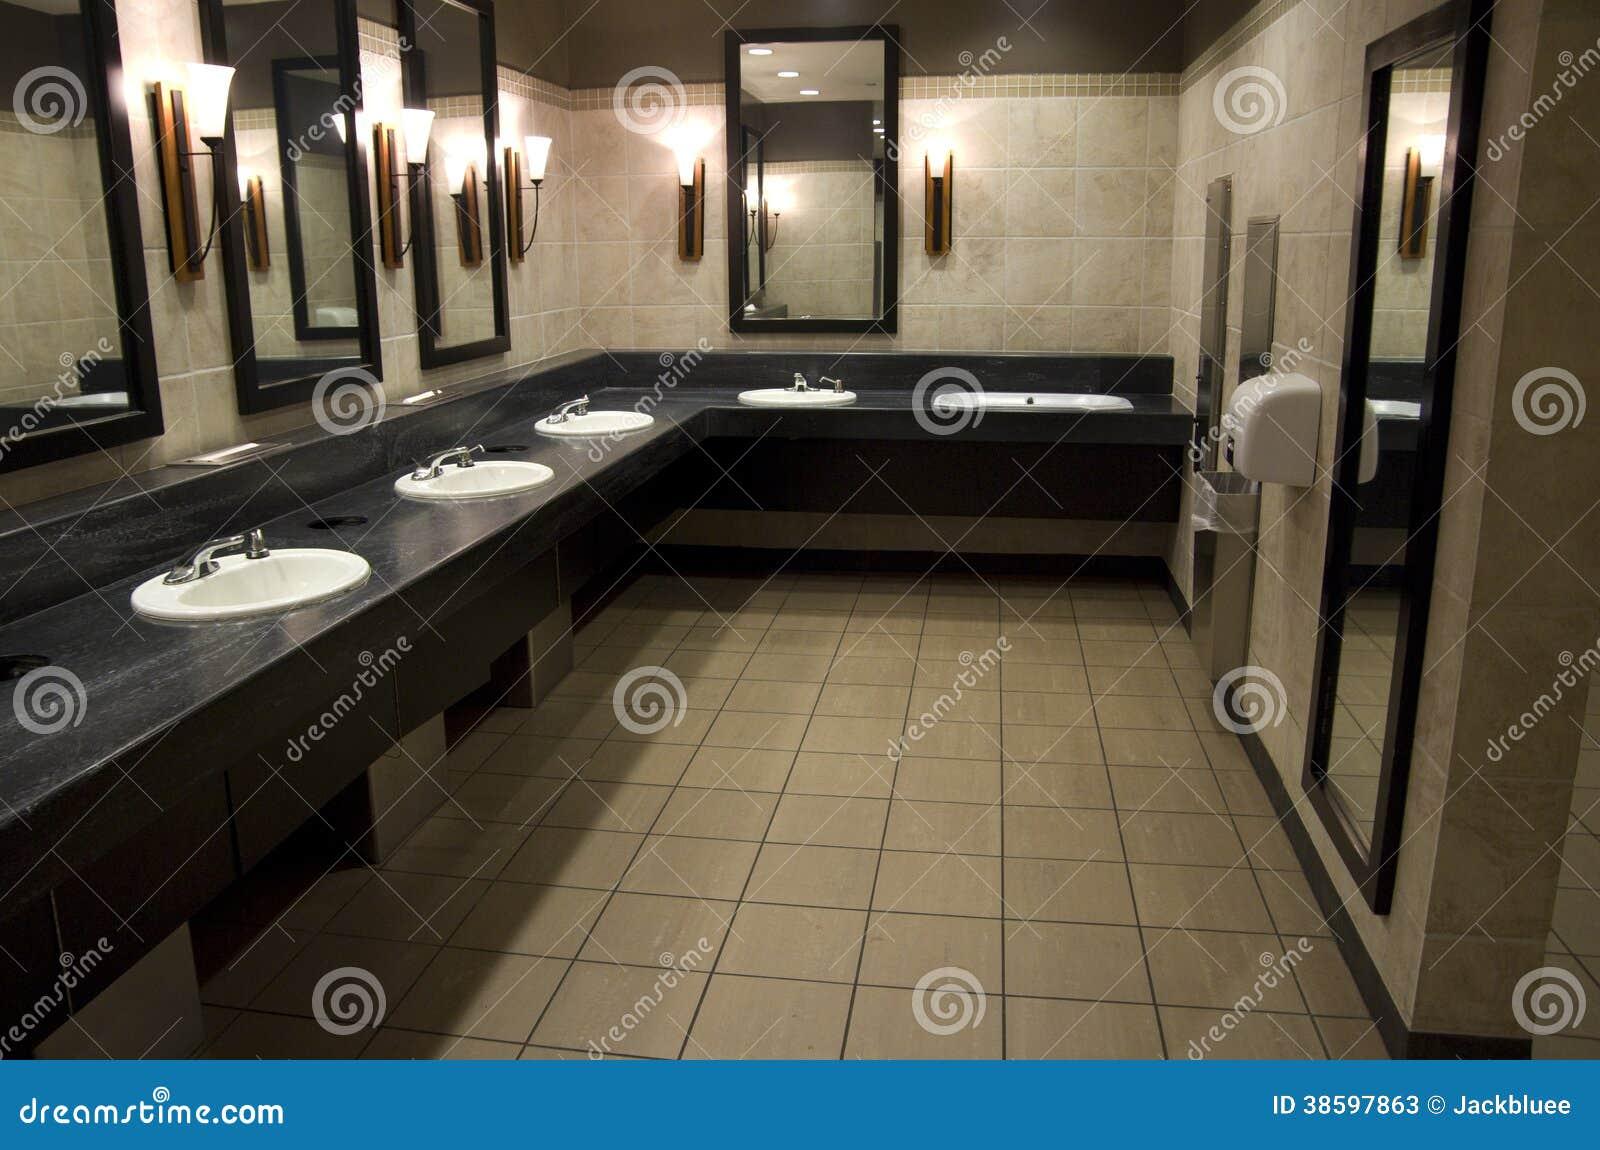 Meuble Salle De Bain Ebeniste ~ Salle De Bains Publique L Gante Image Stock Image Du Toilette